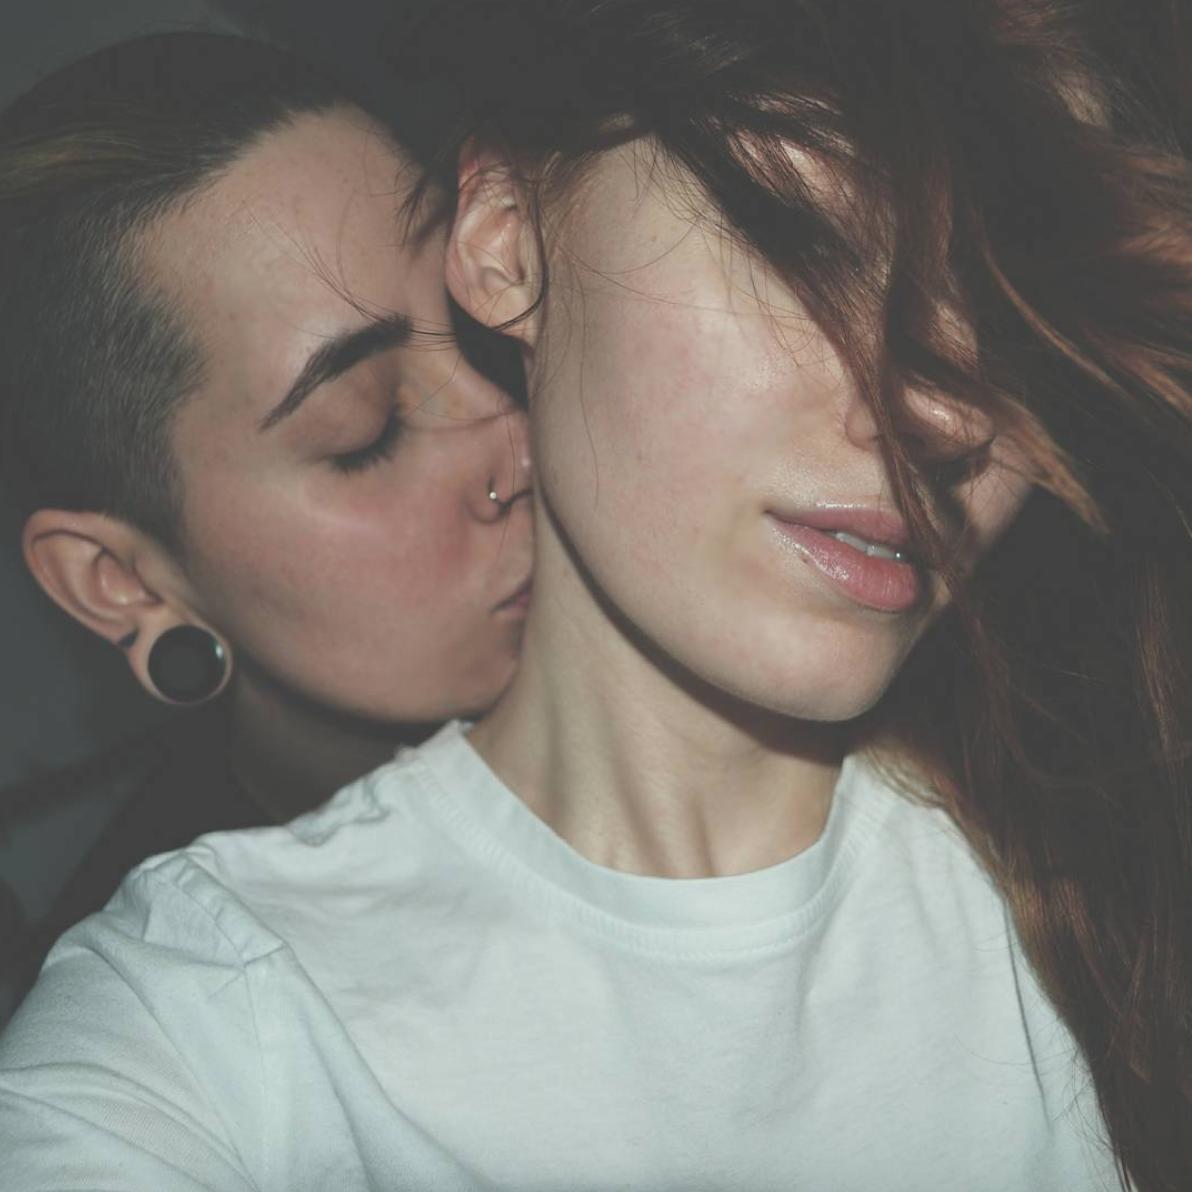 girlfriend tag lesbian